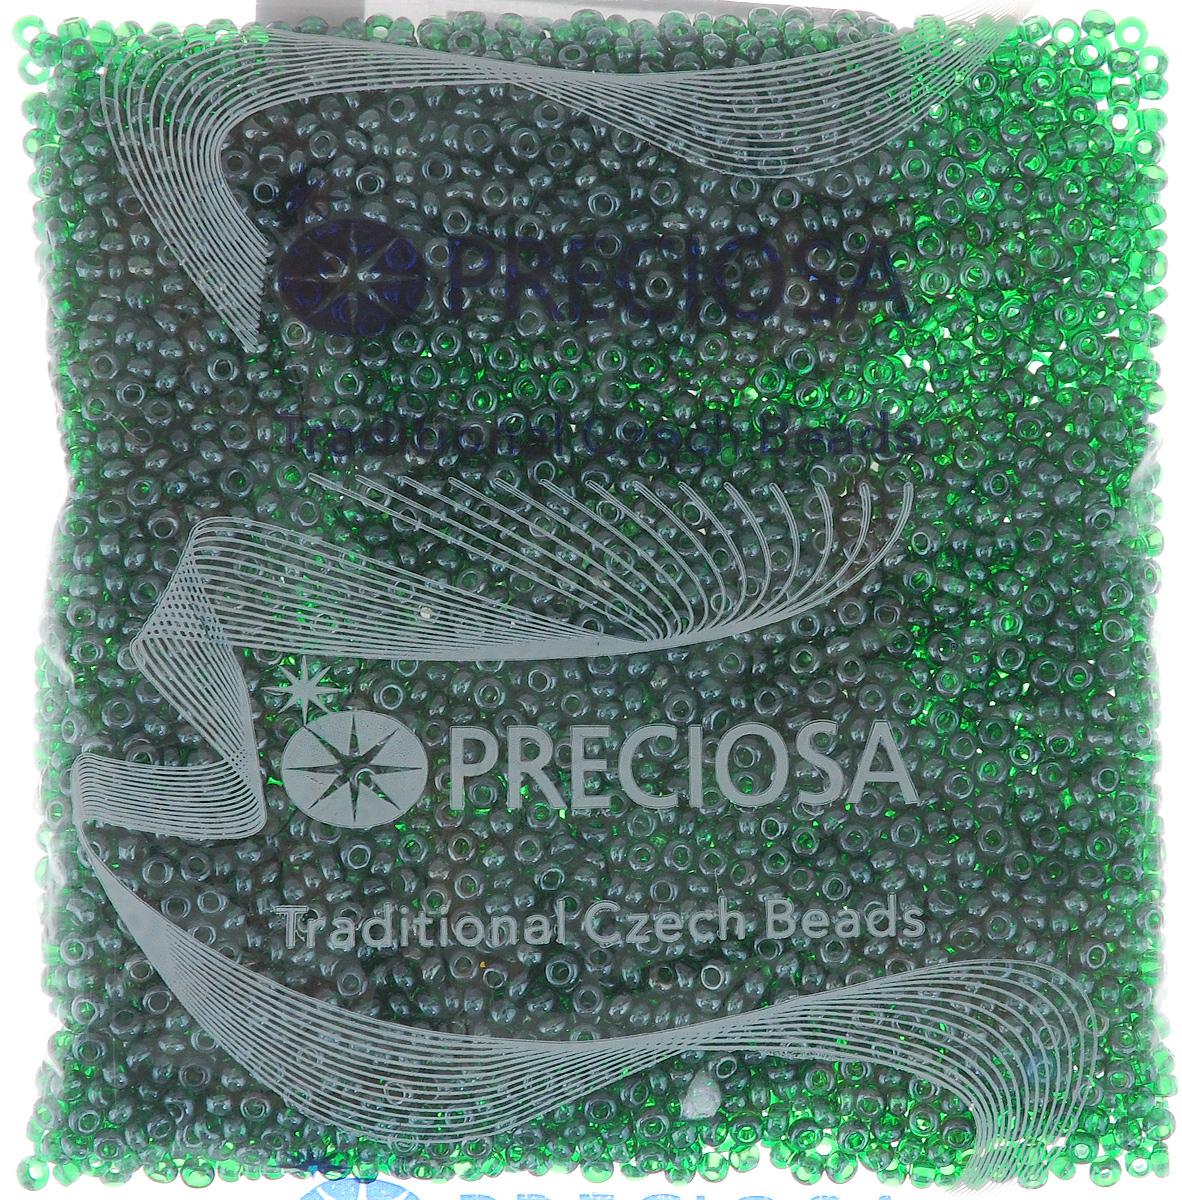 Бисер Preciosa Ассорти, непрозрачный, цвет: зеленый (11), 50 г. 163142163142_11_зеленыйБисер Preciosa Ассорти, изготовленный из пластика круглой формы, позволит вам своими руками создать оригинальные ожерелья, бусы или браслеты, а также заняться вышиванием. В бисероплетении часто используют бисер разных размеров и цветов. Он идеально подойдет для вышивания на предметах быта и женской одежде. Изготовление украшений - занимательное хобби и реализация творческих способностей рукодельницы, это возможность создания неповторимого индивидуального подарка.